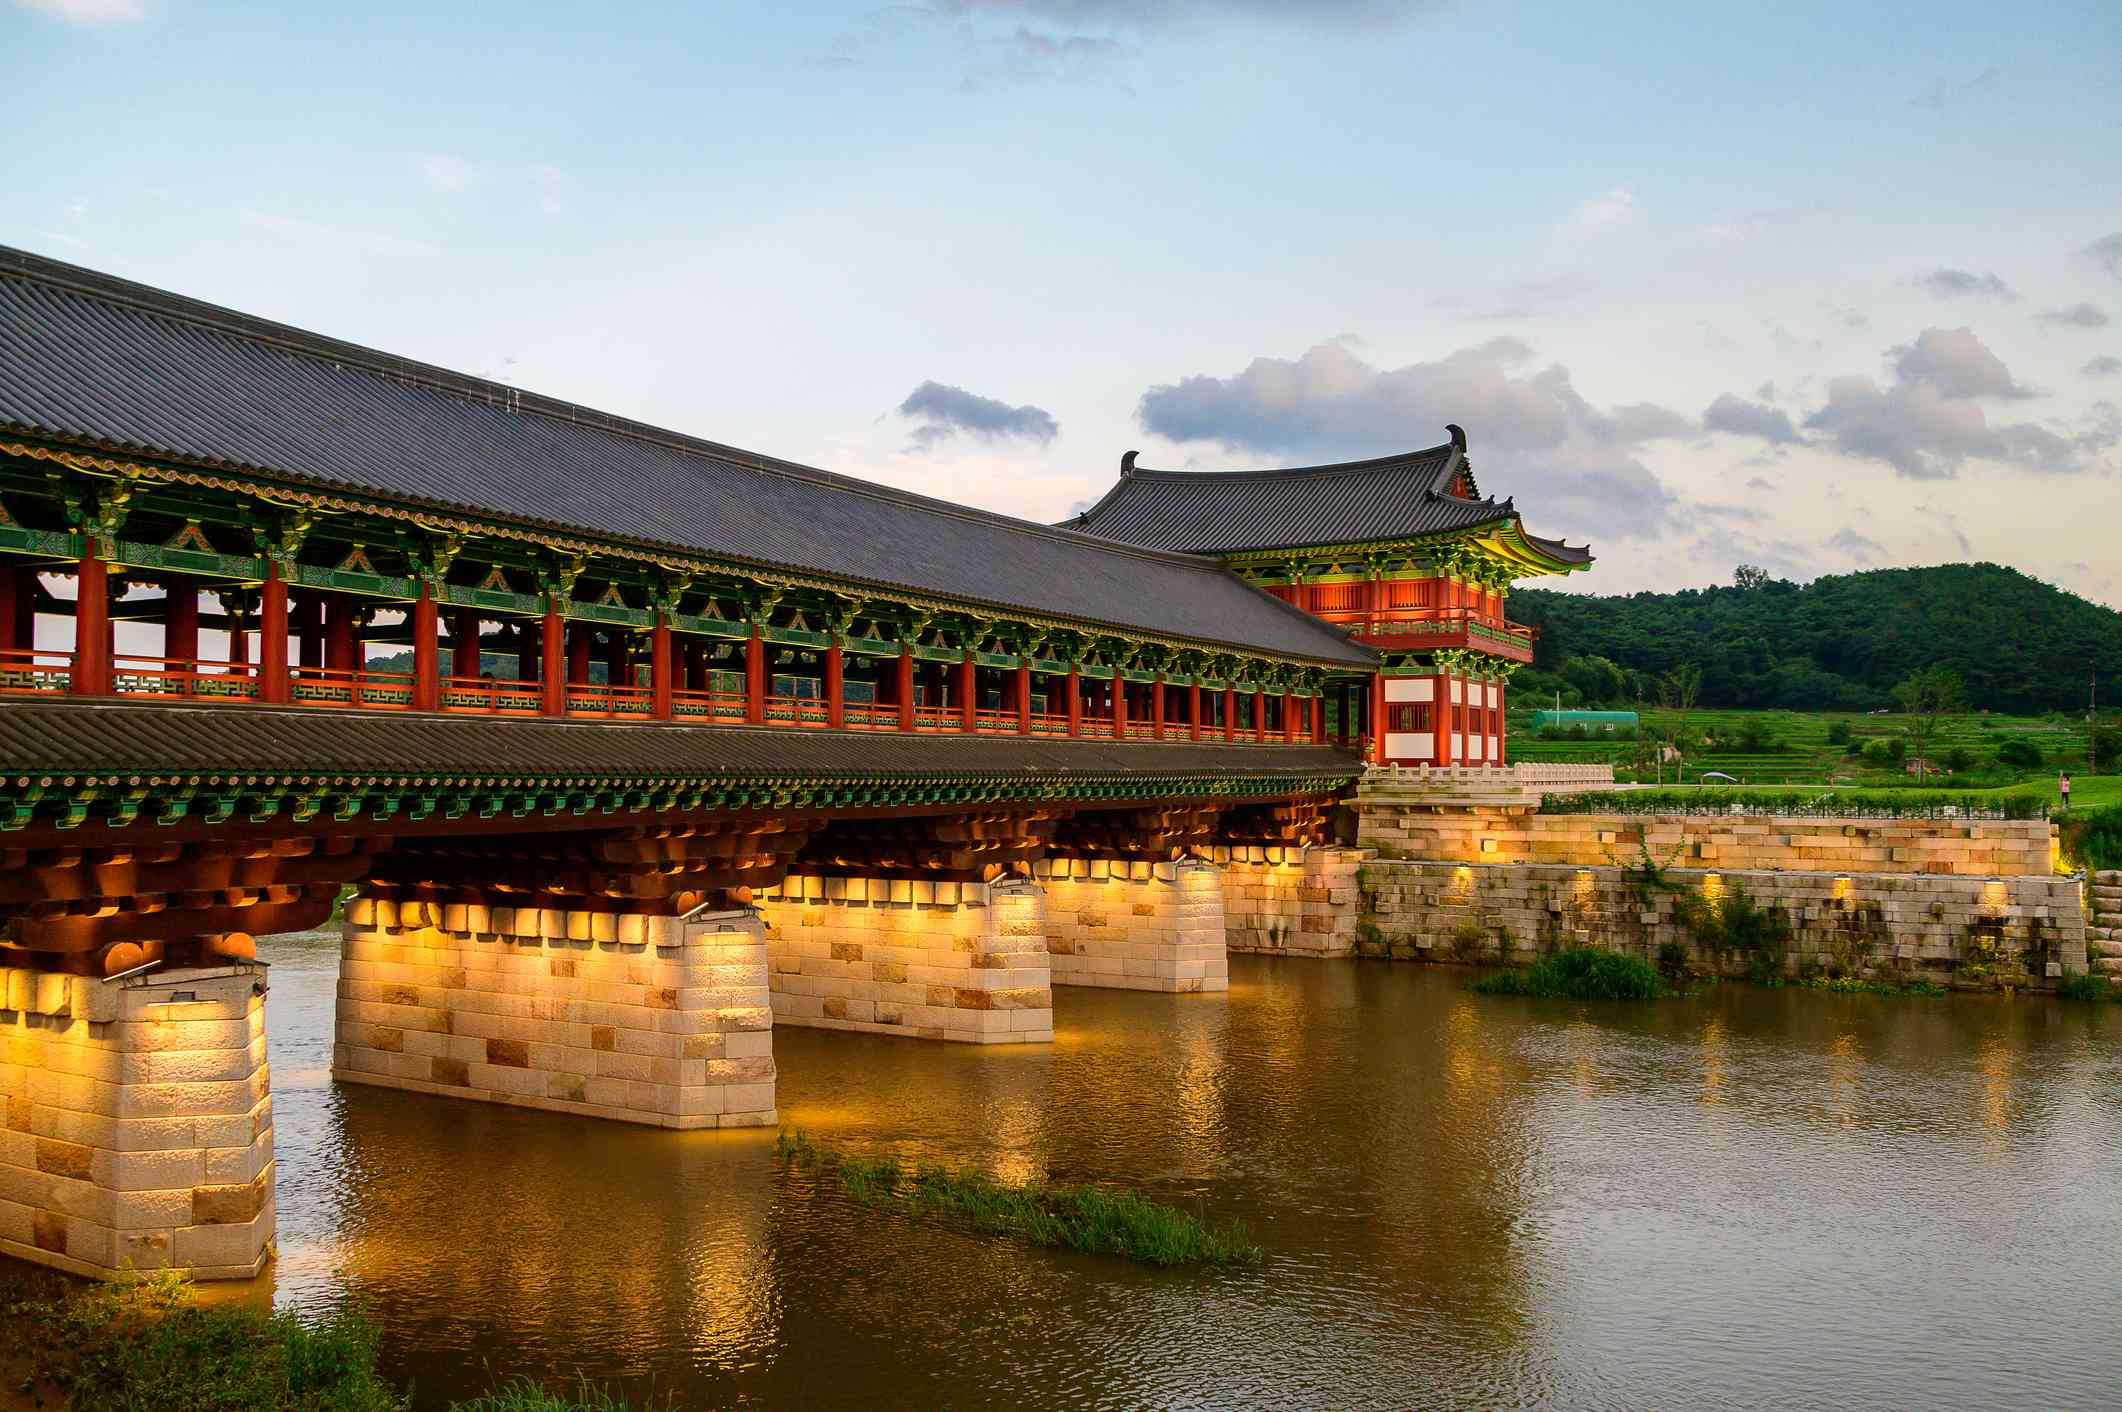 Woljeonggyo bridge in Gyeongju